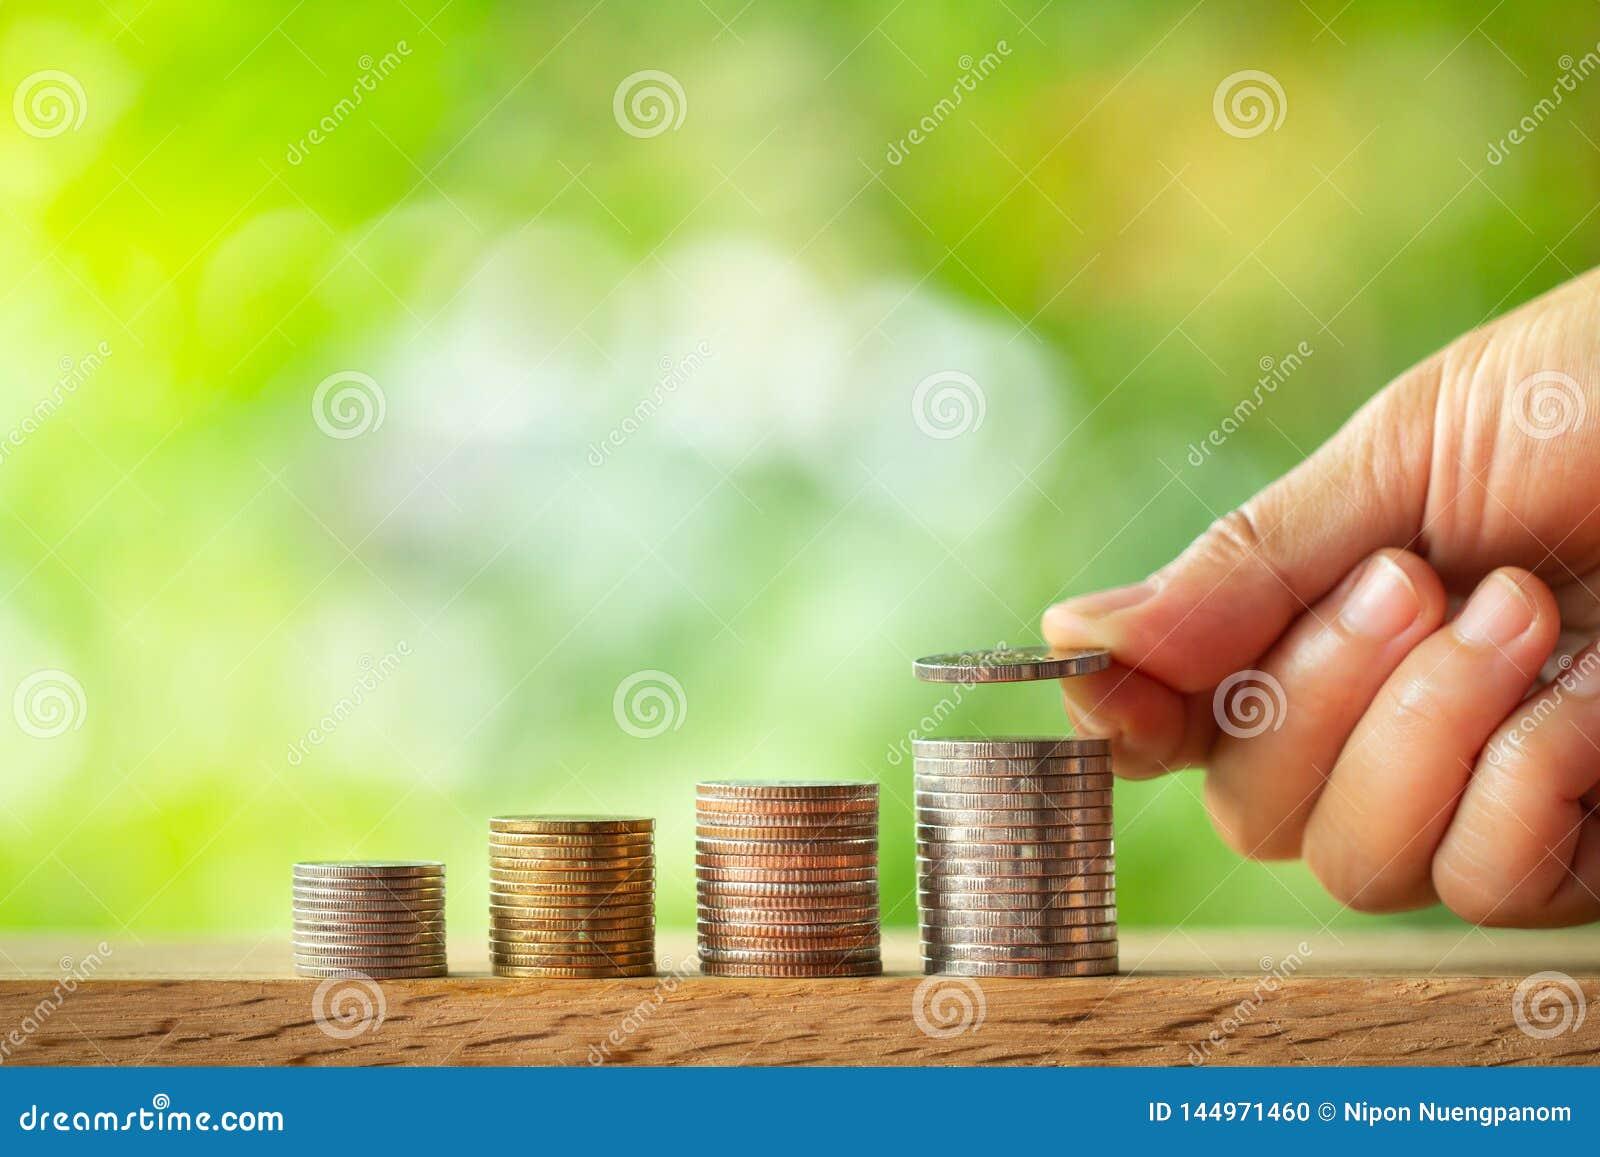 Hand die muntstuk op muntstukkenstapel zet met groen vage achtergrond